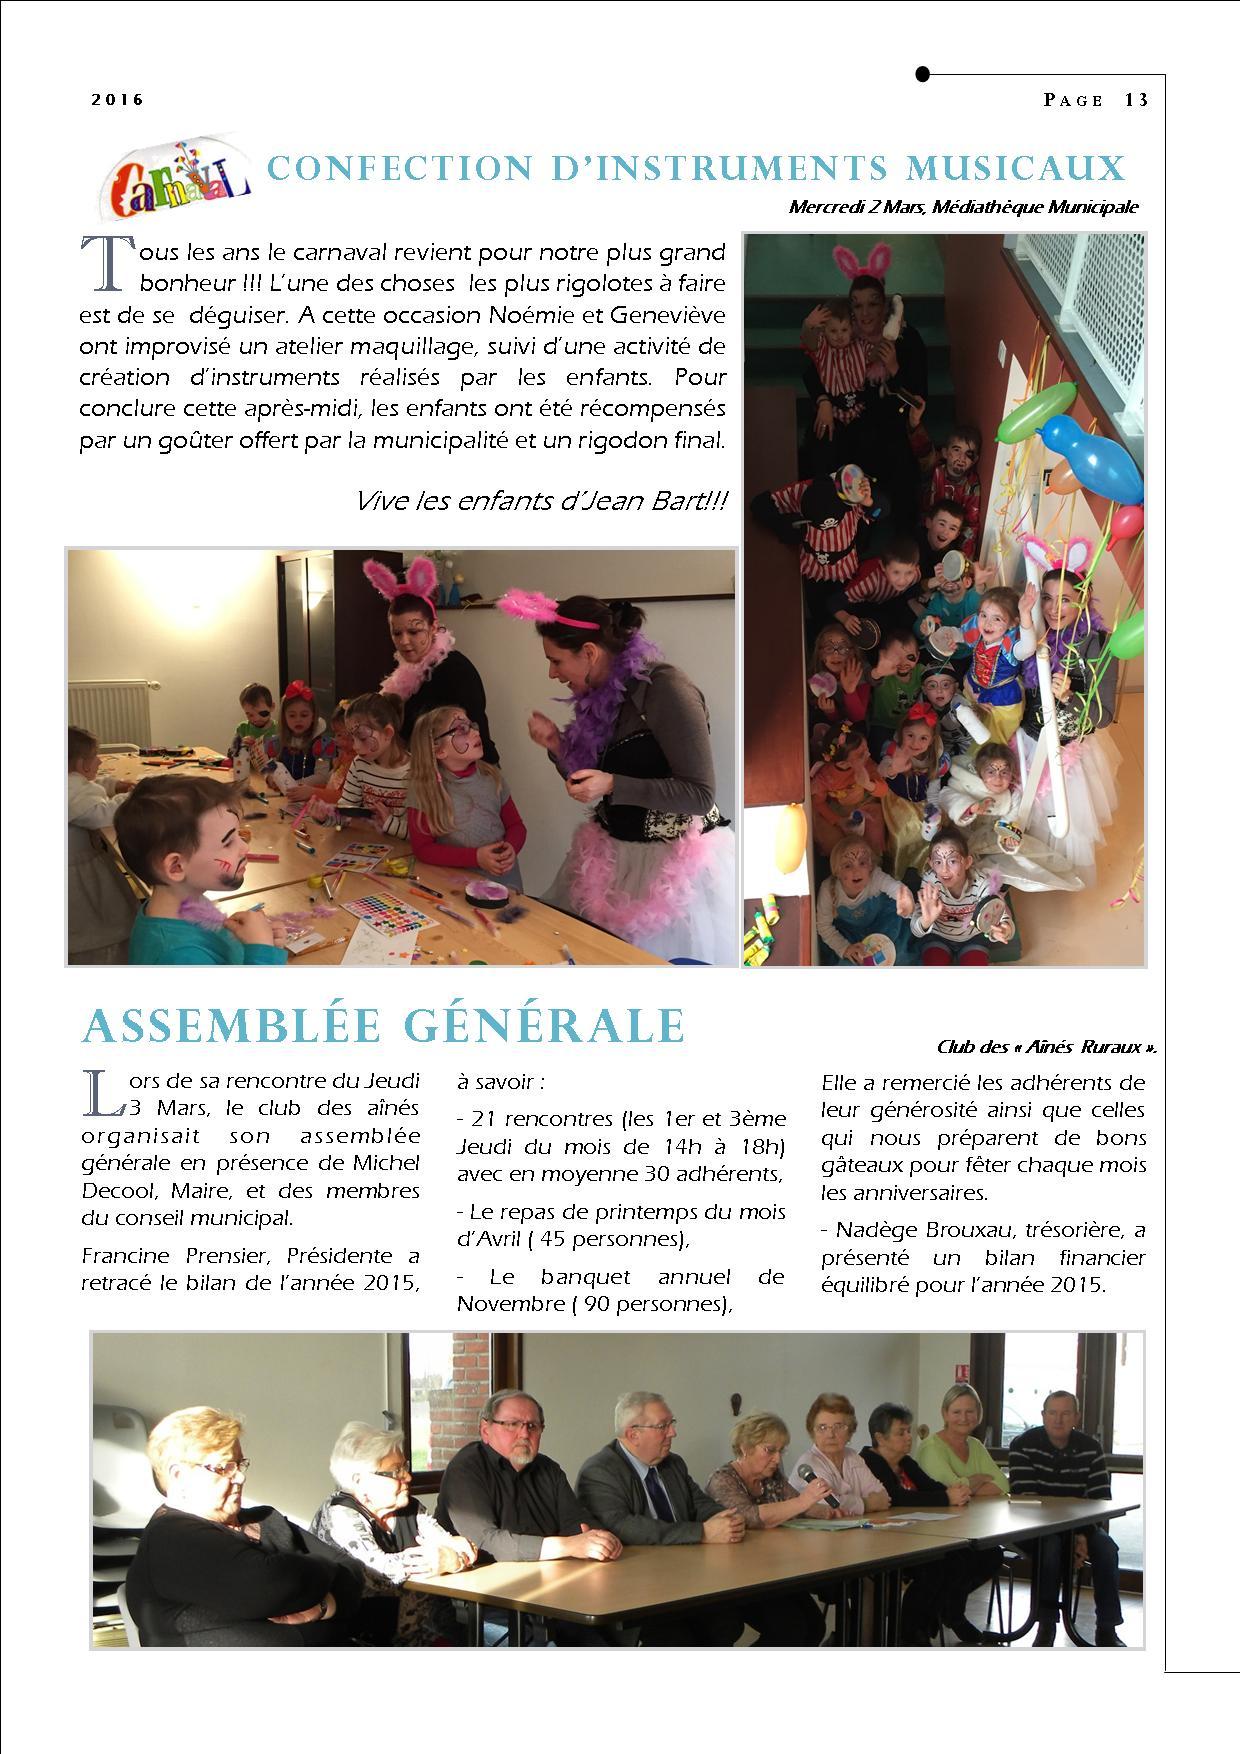 bulletin 69 p13